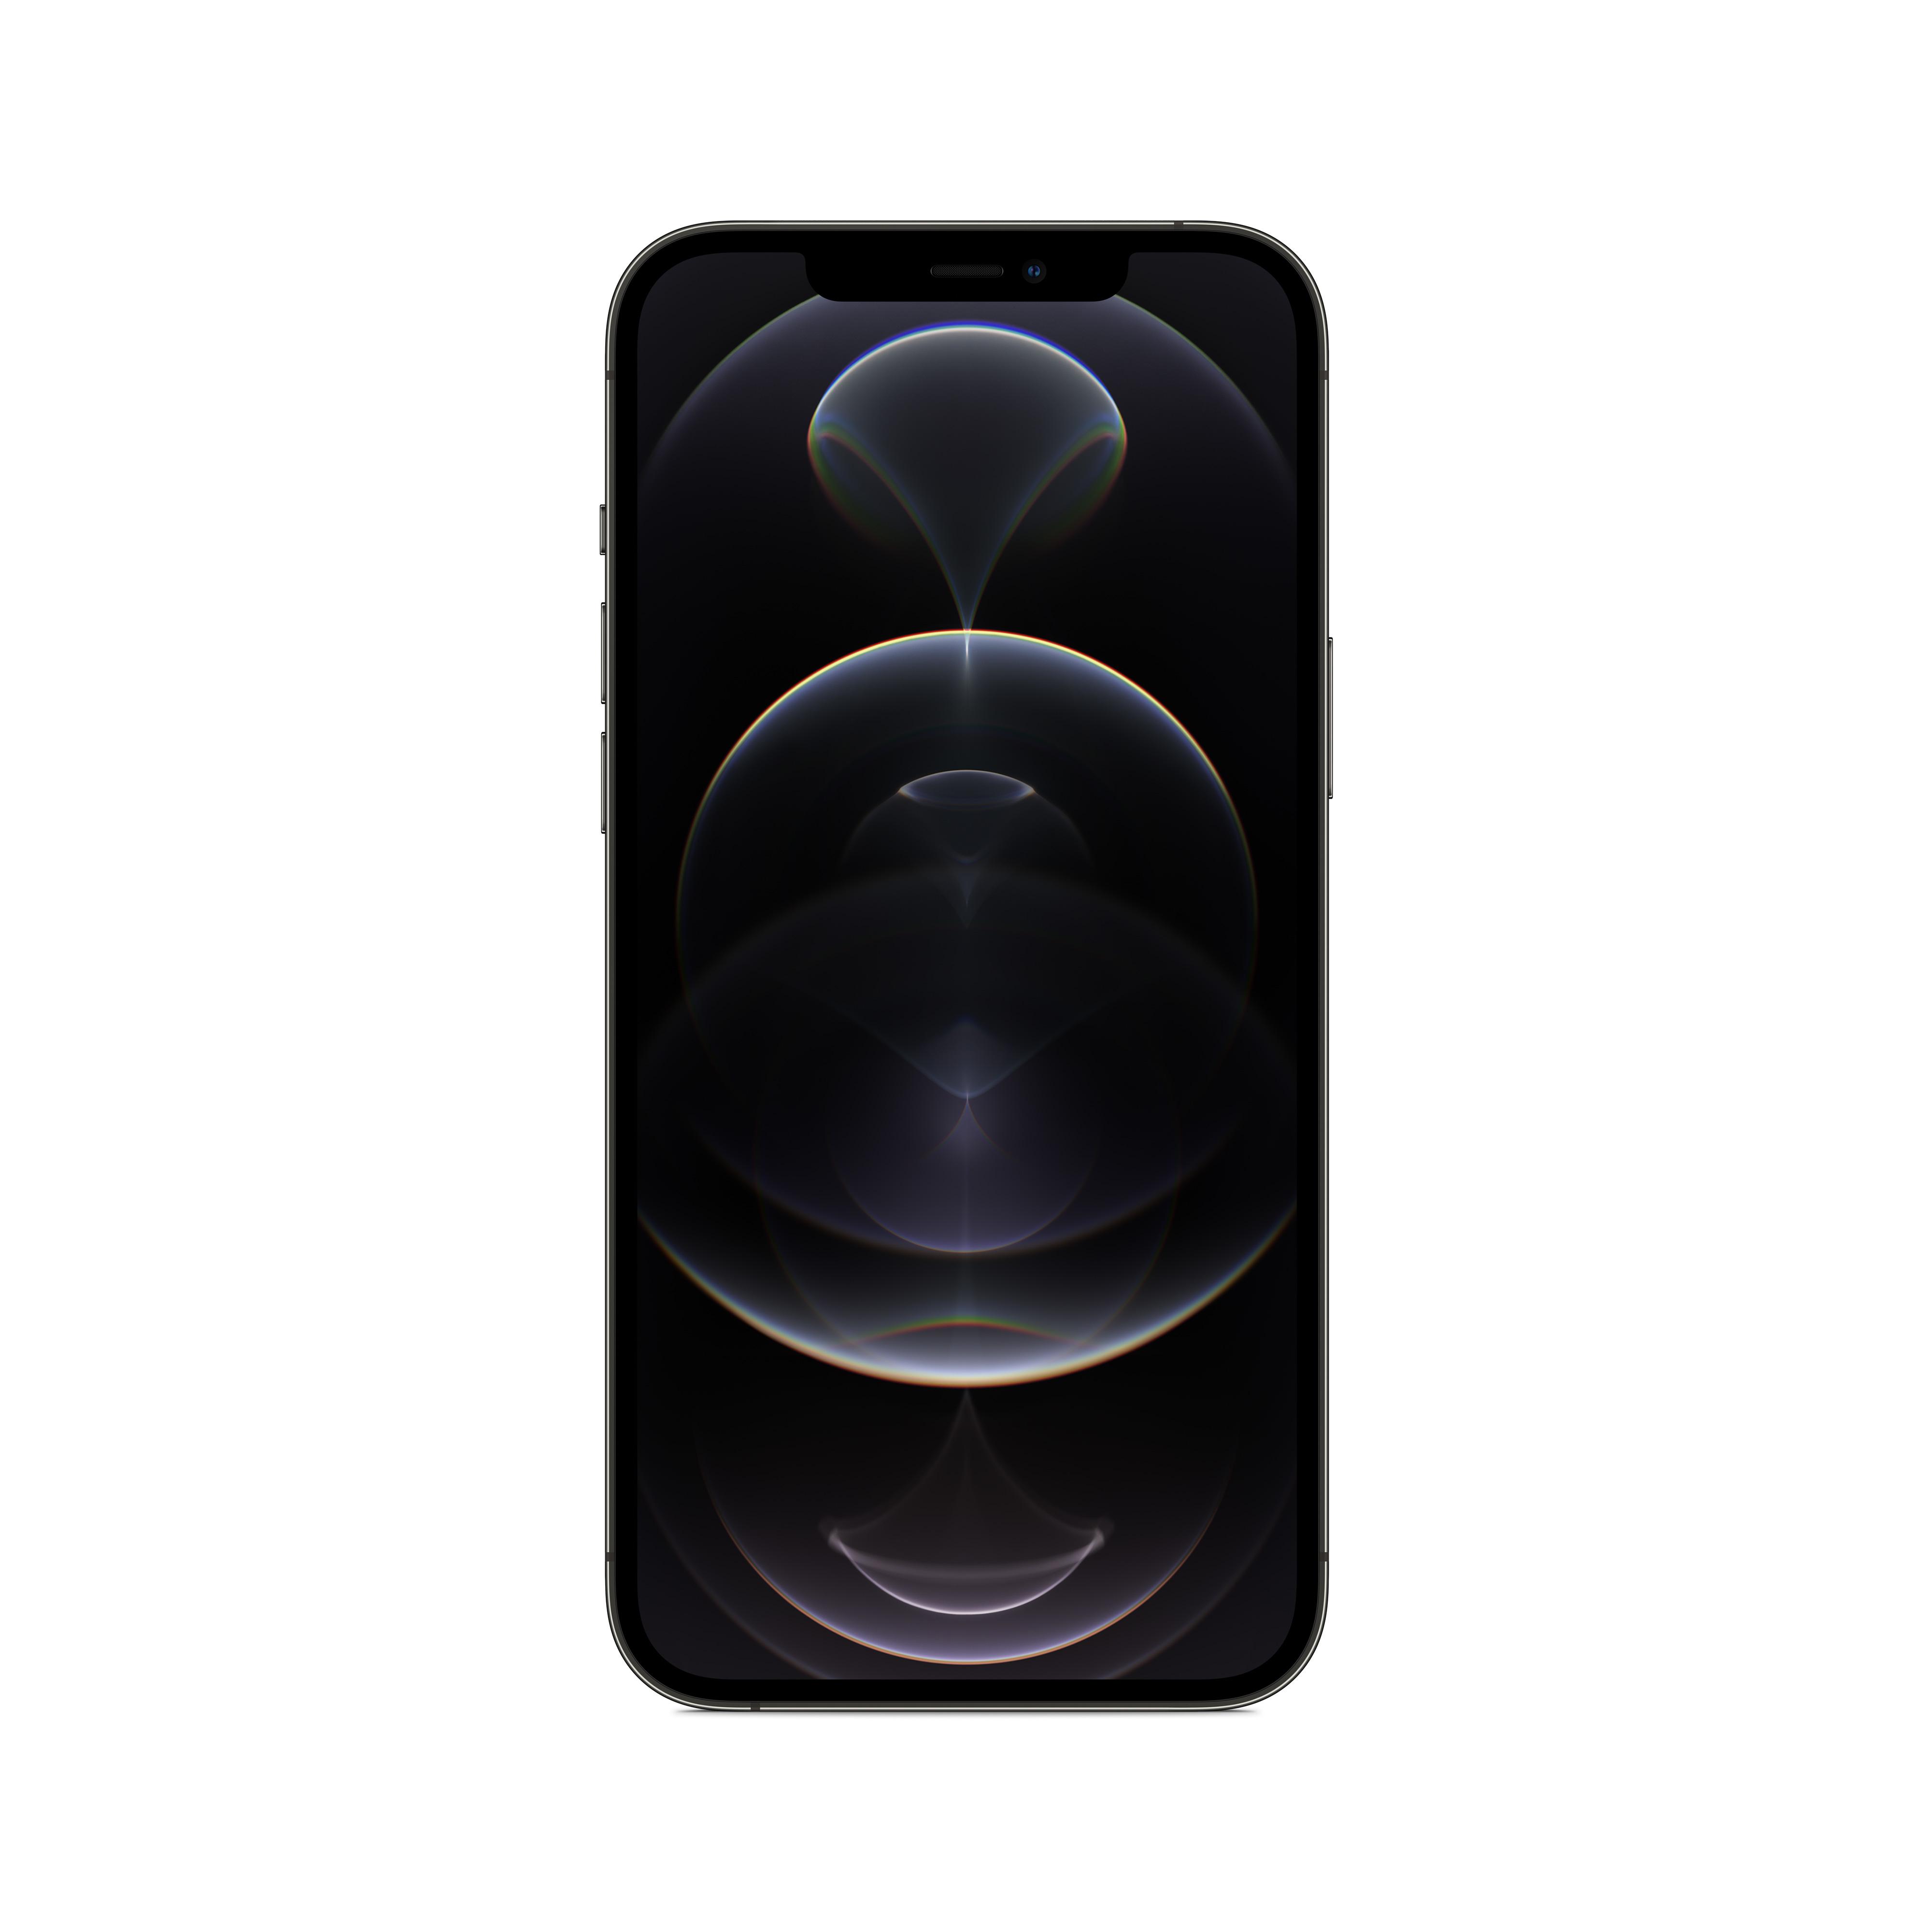 Apple - iPhone 12 Pro Max 256gb Graphite